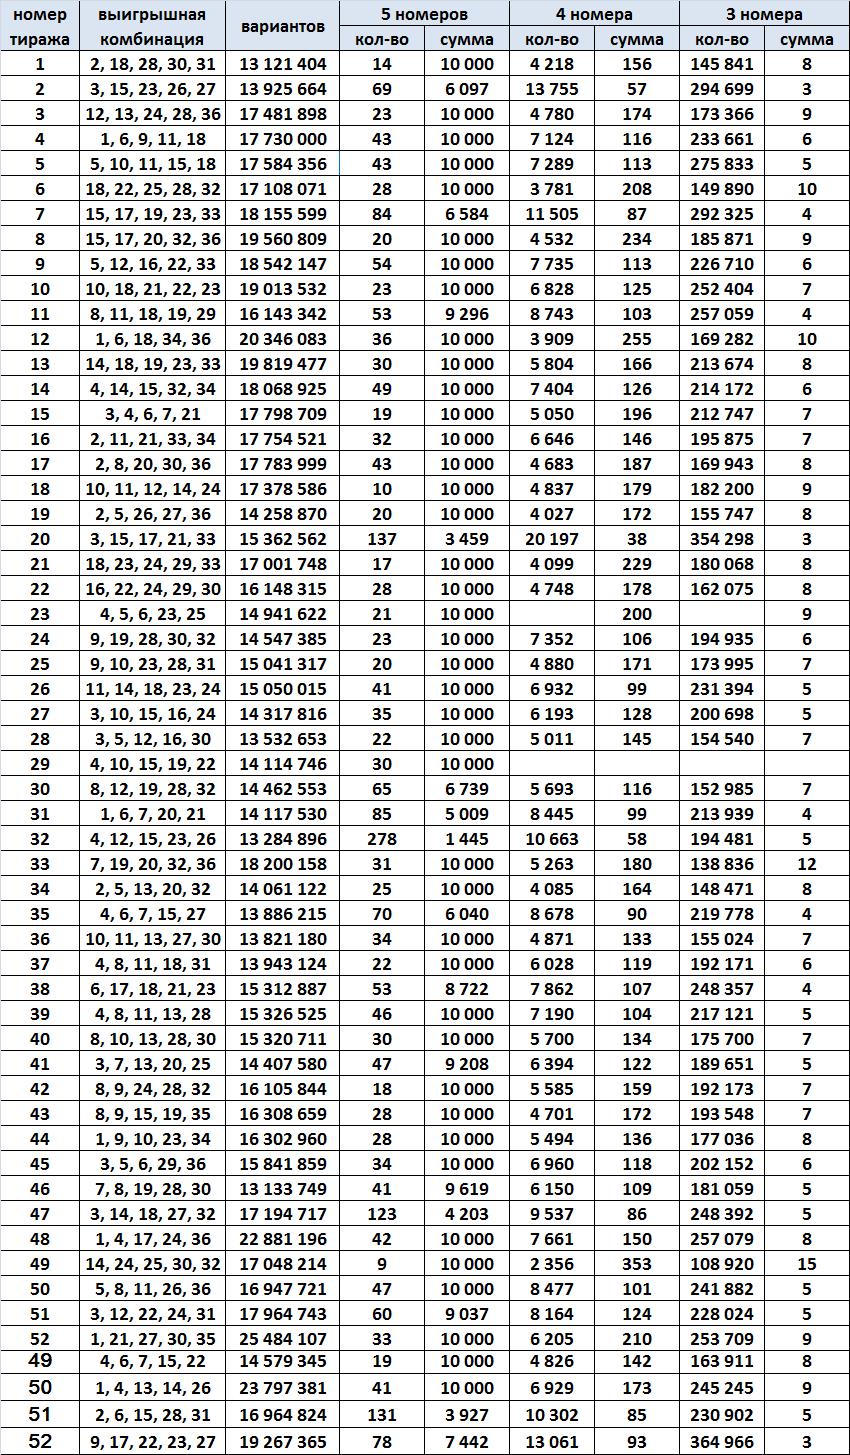 Таблица тиражей за 1988 год, Спортлото 5 из 36